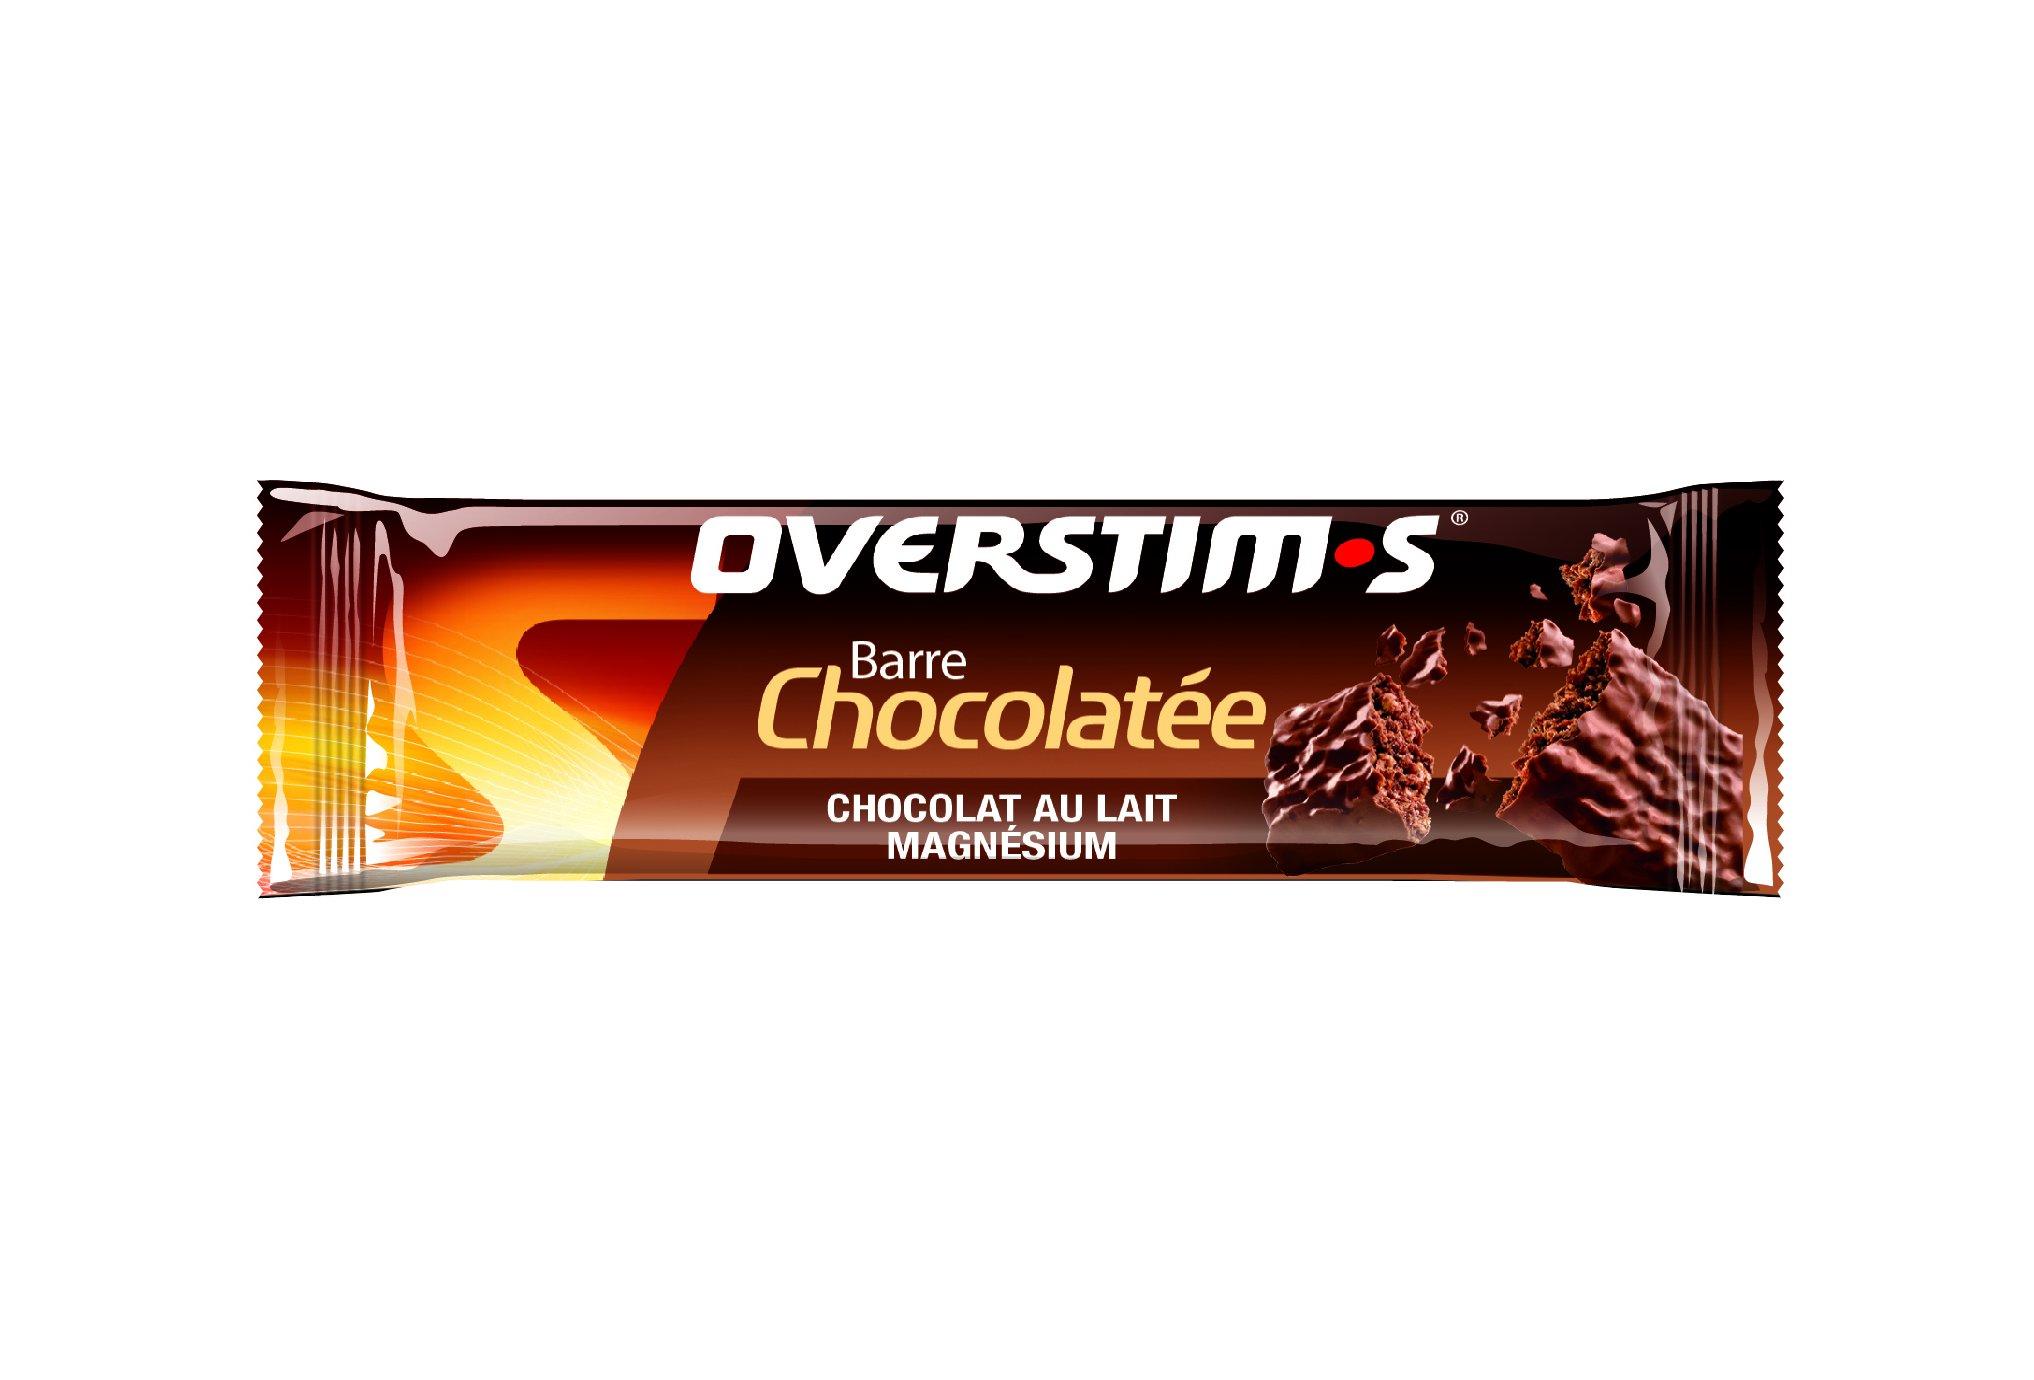 OVERSTIMS Barre Chocolatée Magnésium - Chocolat au lait Diététique Barres